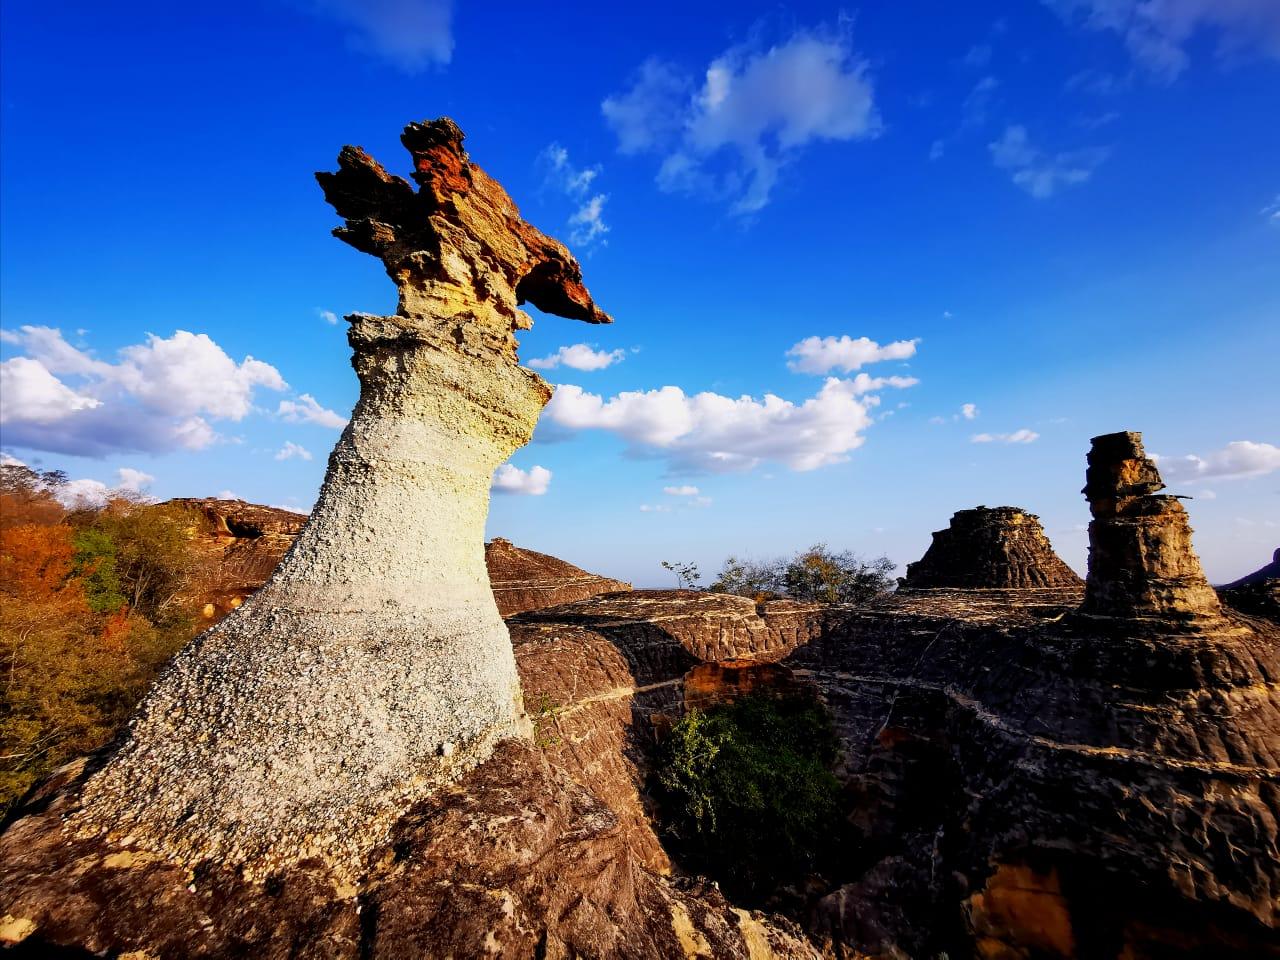 Divulgadas primeiras imagens de uma nova Pedra Furada no Piauí  - Imagem 2